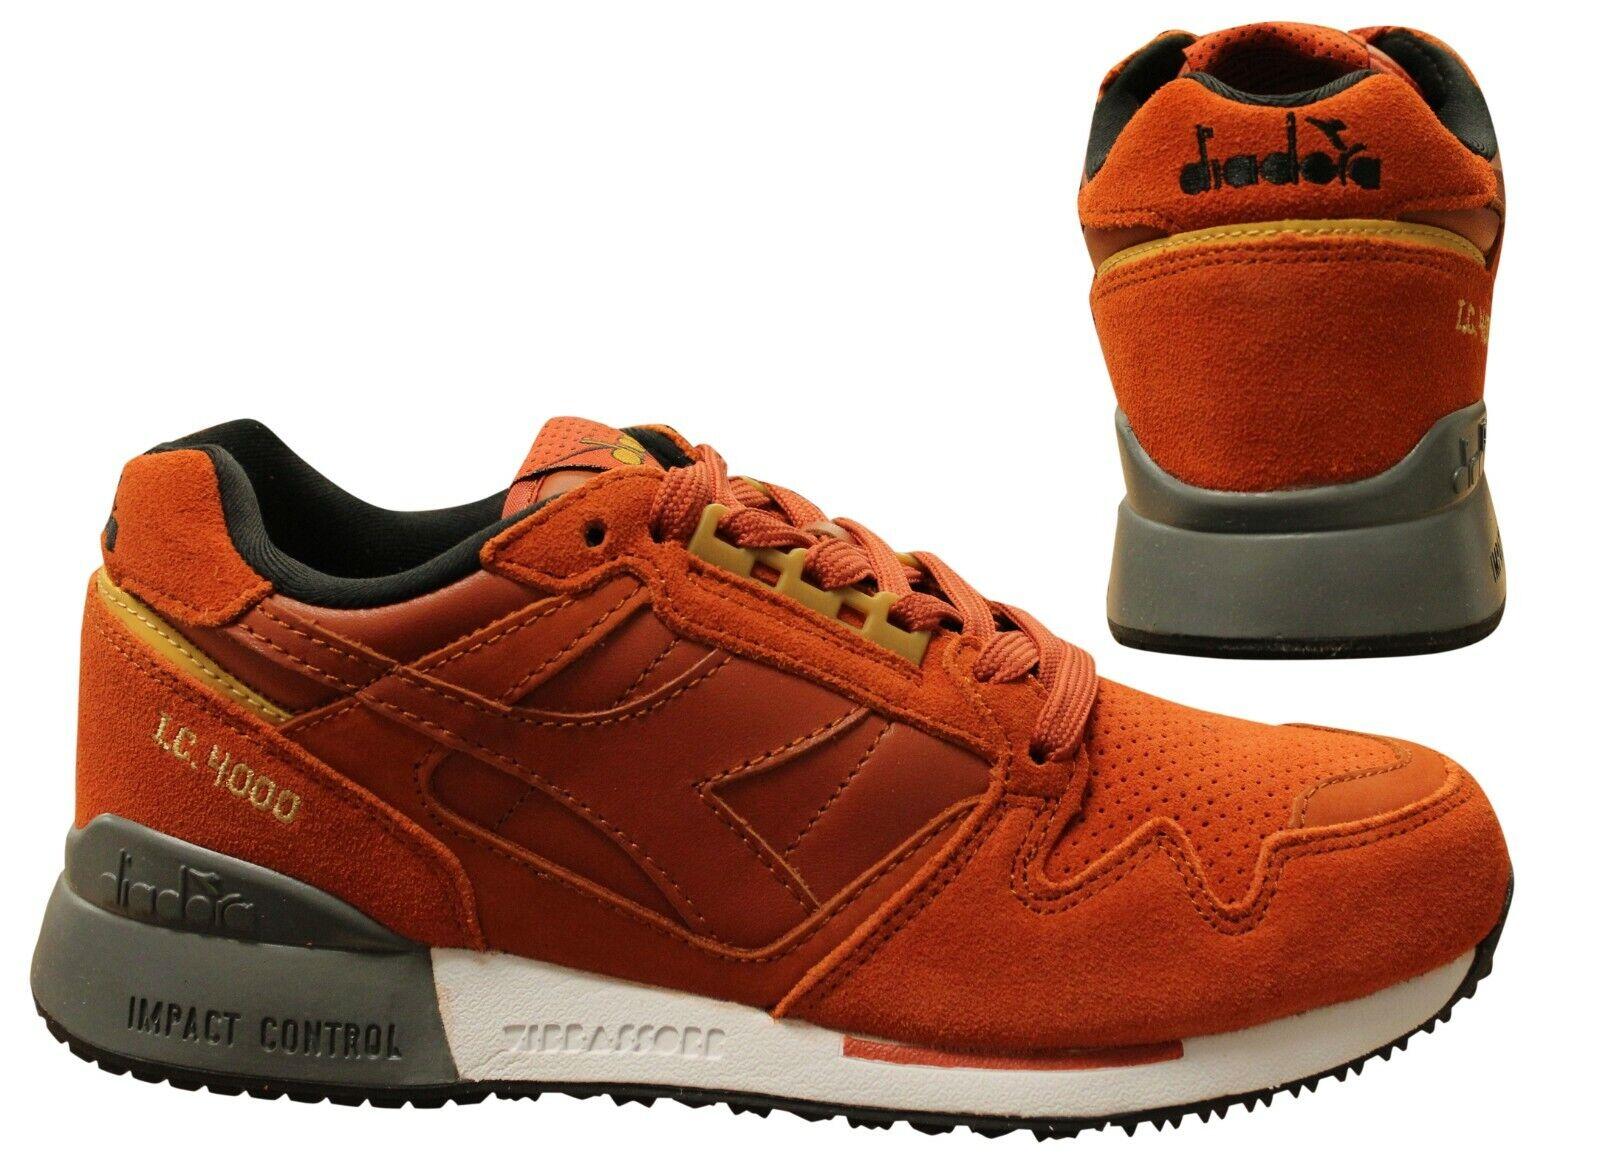 Details about Diadora Impact Control 4000 Premium Orange Lace Up Mens Trainers 40060 B119E